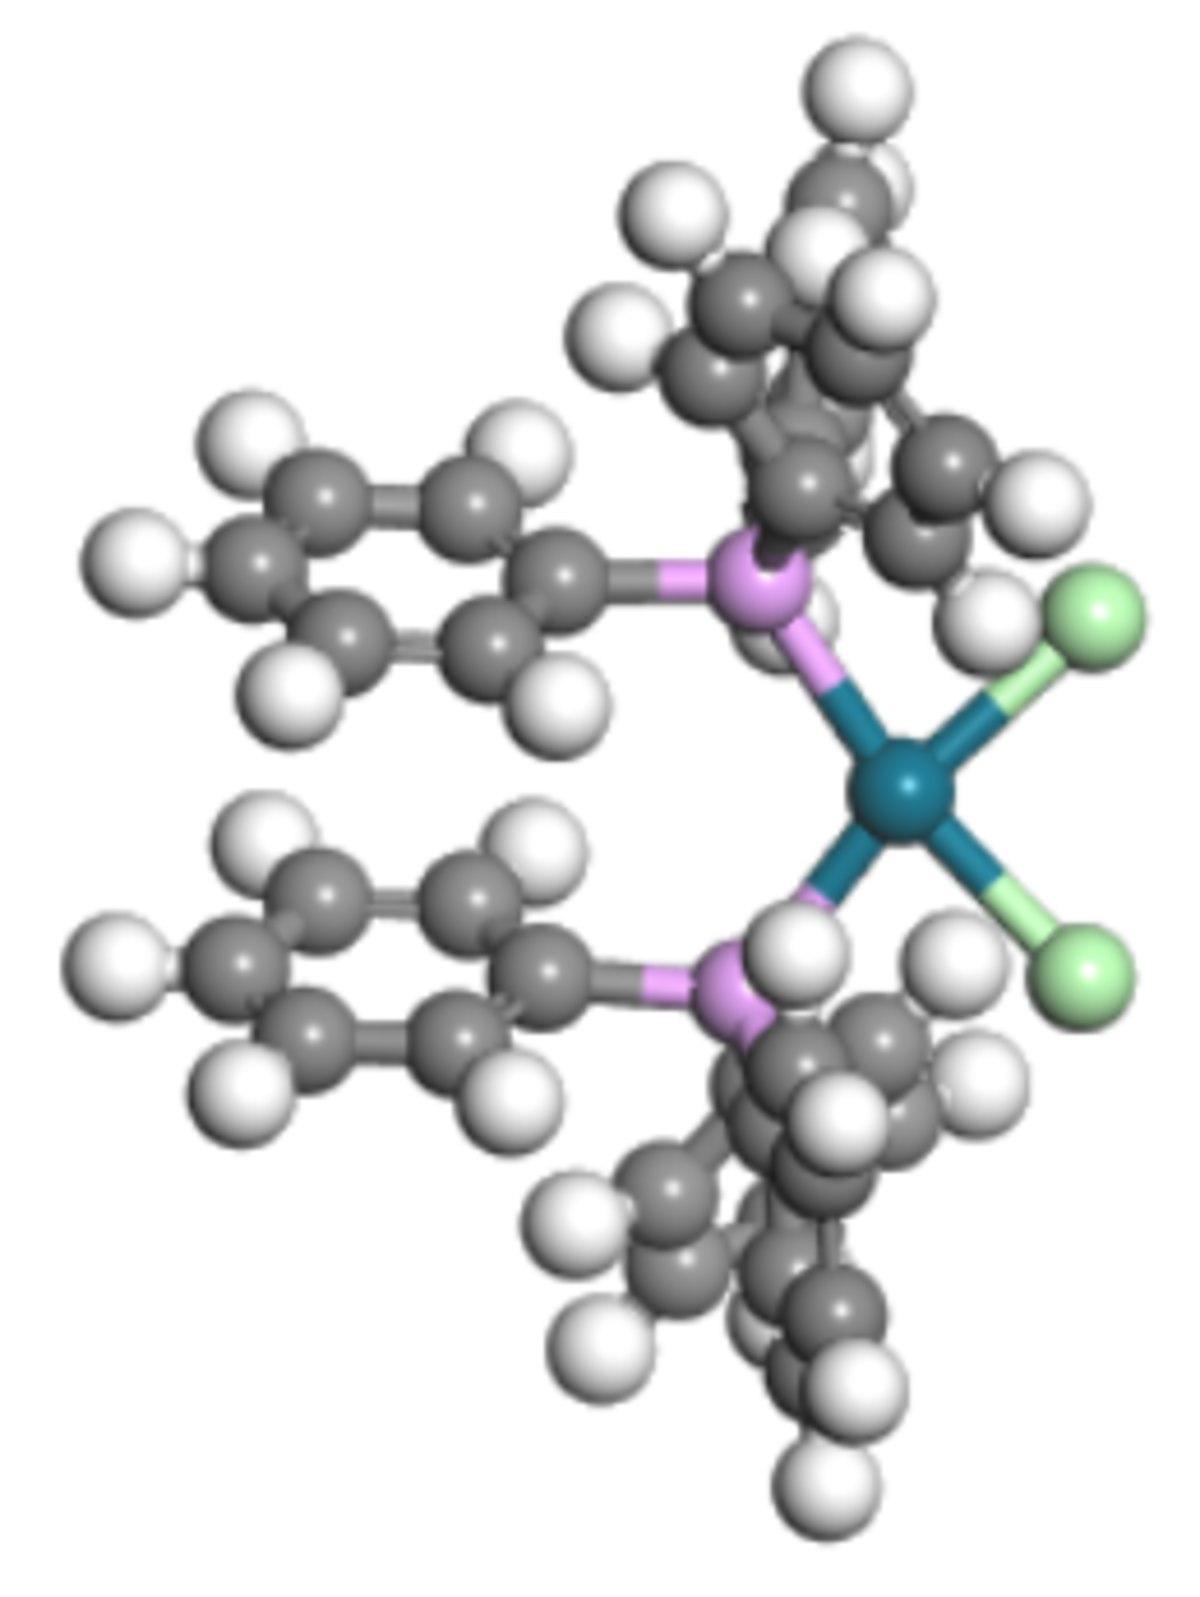 najlepiej sprzedający się szczegółowy wygląd sklep internetowy Bis(triphenylphosphine)palladium chloride - Wikipedia